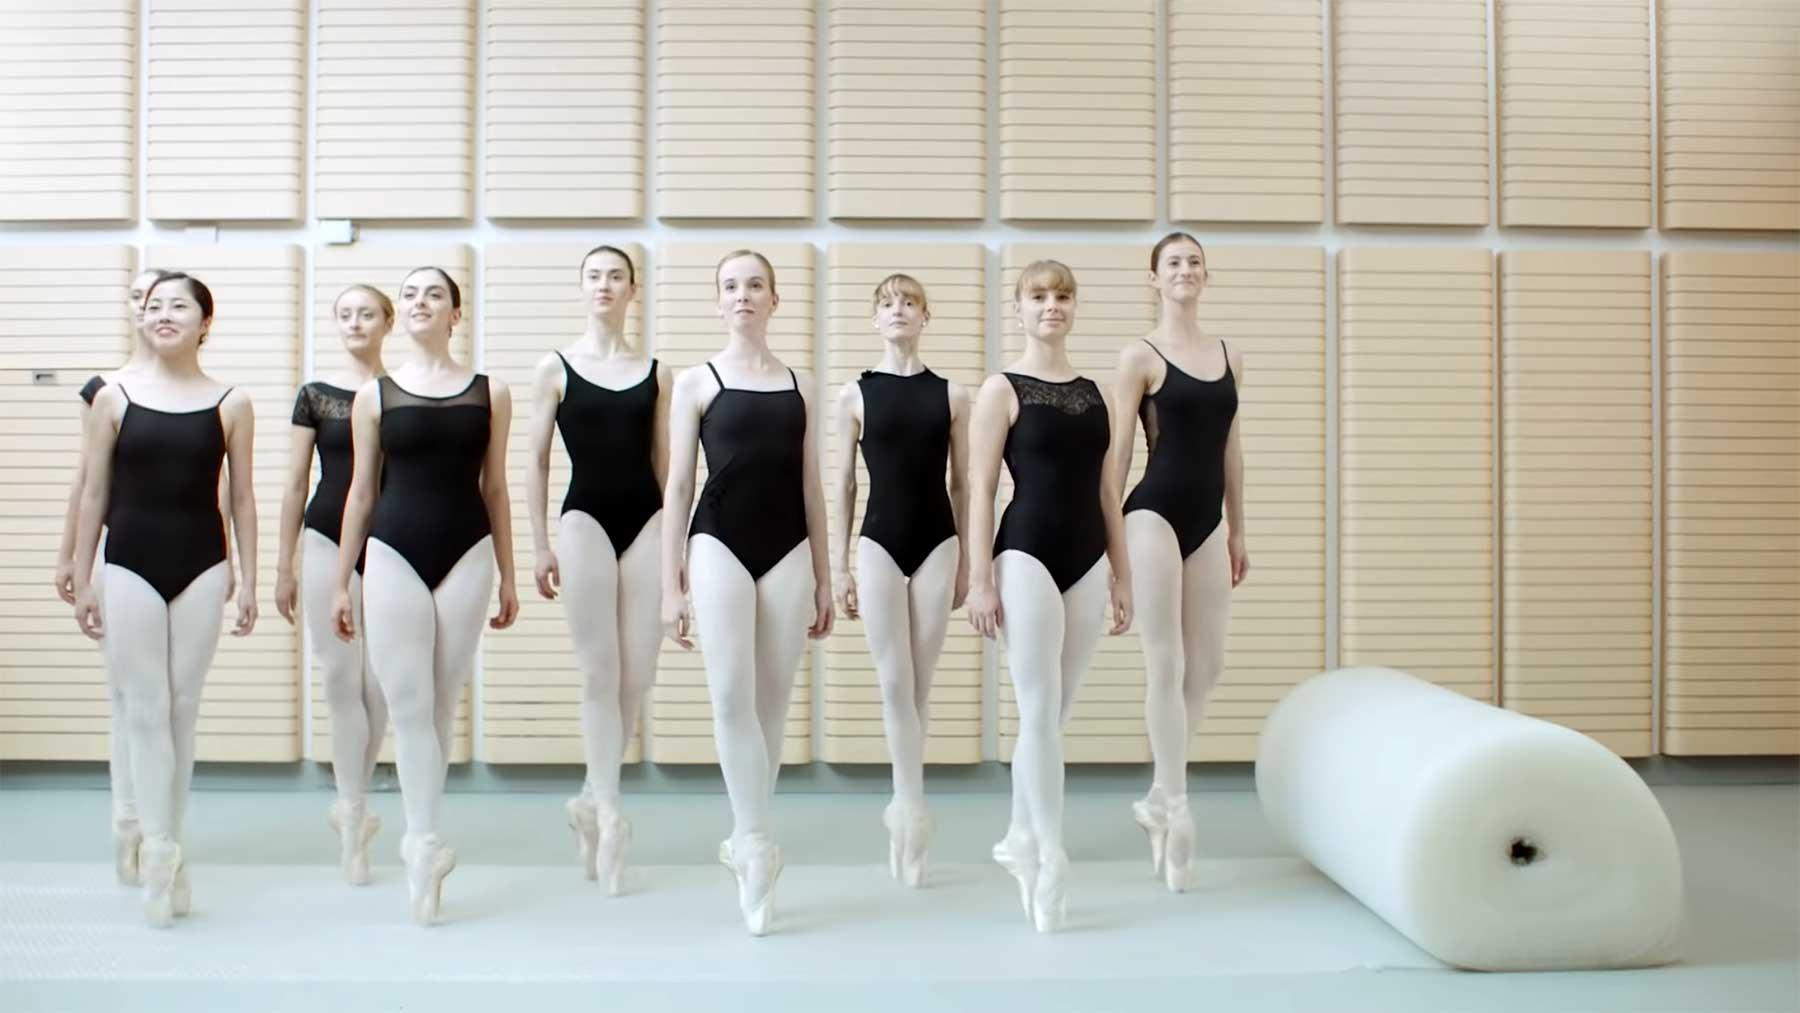 Ballett-Tänzerinnen tippeln auf Luftpolsterfolien